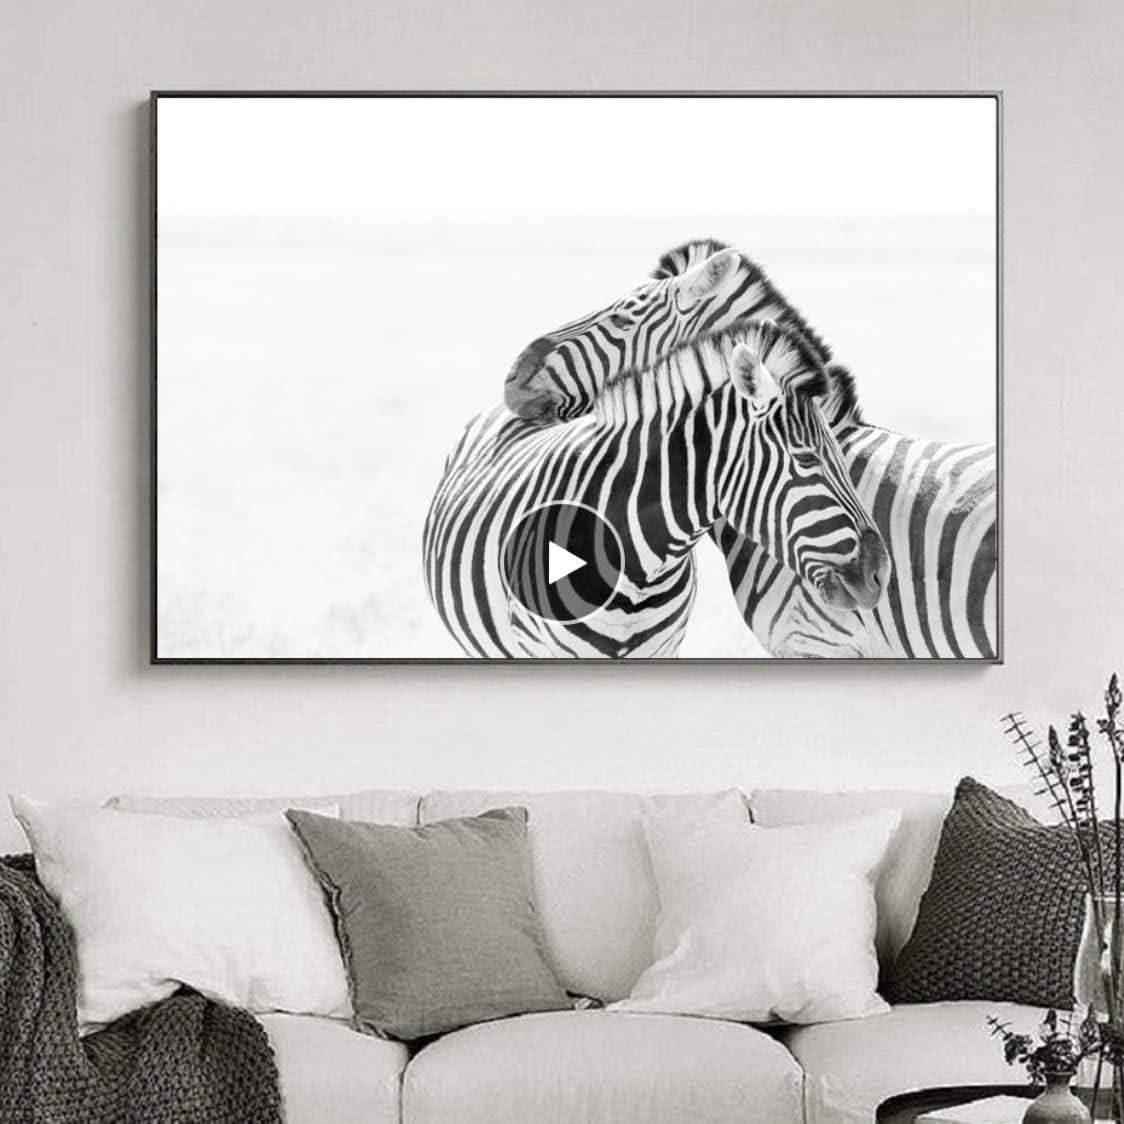 Danjiao Negro Blanco África Pareja Animales Cebra Pinturas Sobre Lienzo Animales Caballo Carteles Impresiones Cuadros De Pared Sala De Estar Decoración Del Hogar Decor Del Dormitorio 40x60cm